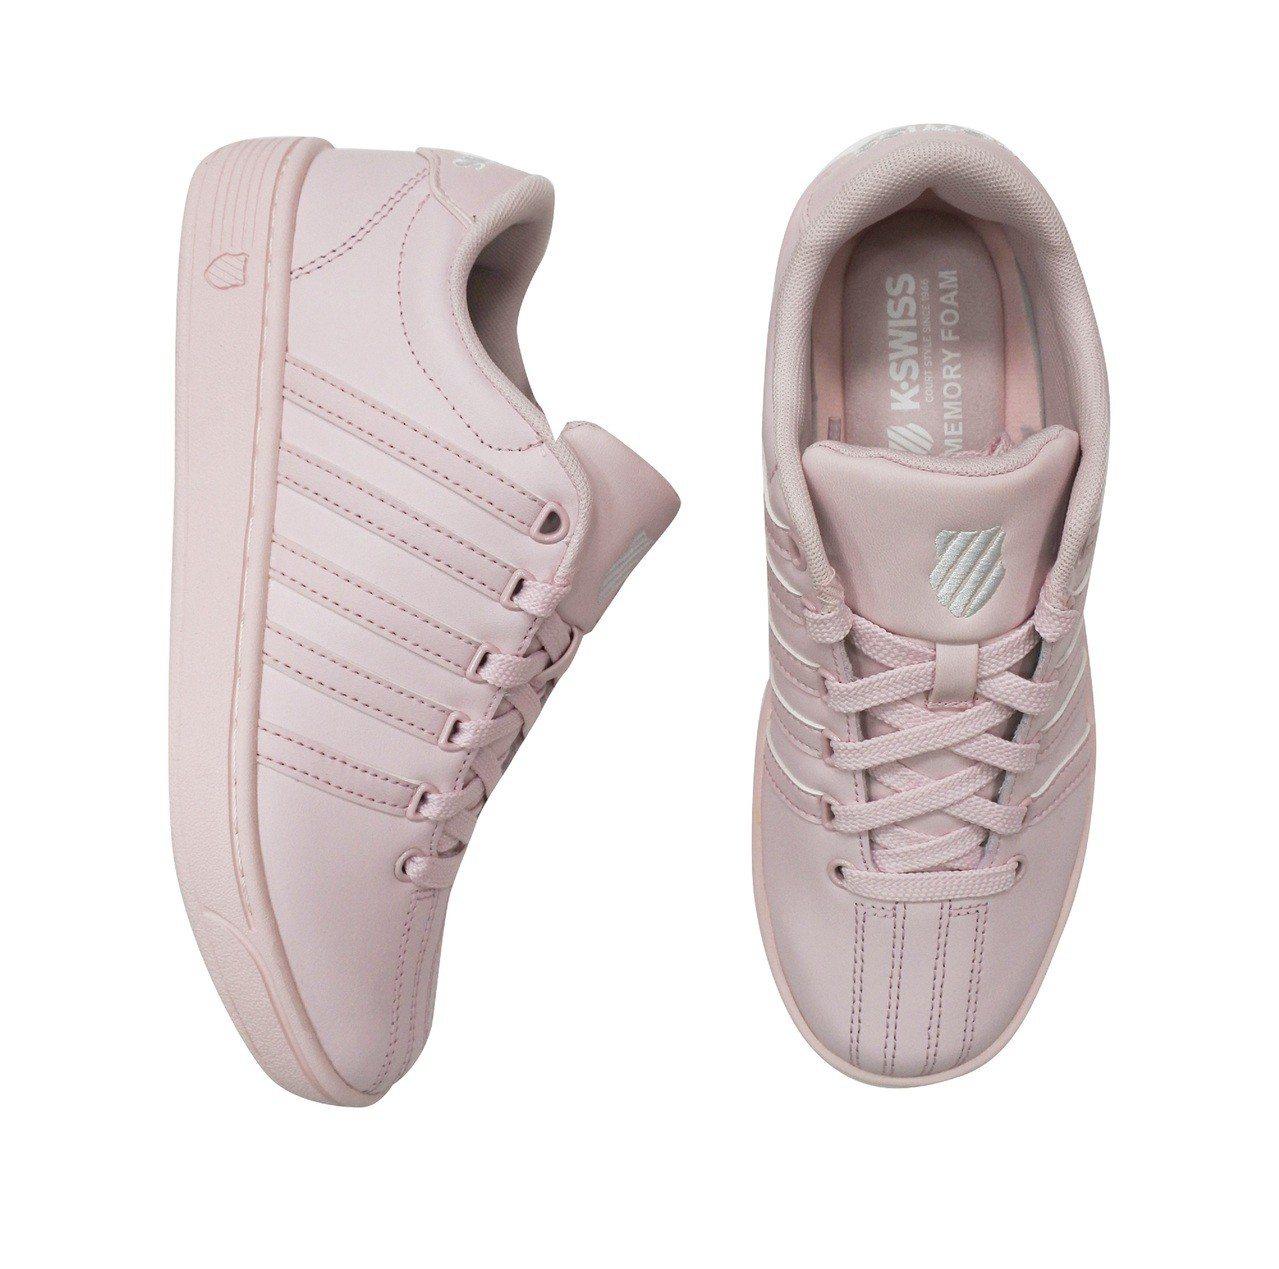 原價2380元K-SWISS精選休閒鞋、特價只要1290元。 禮客OUTLET/...